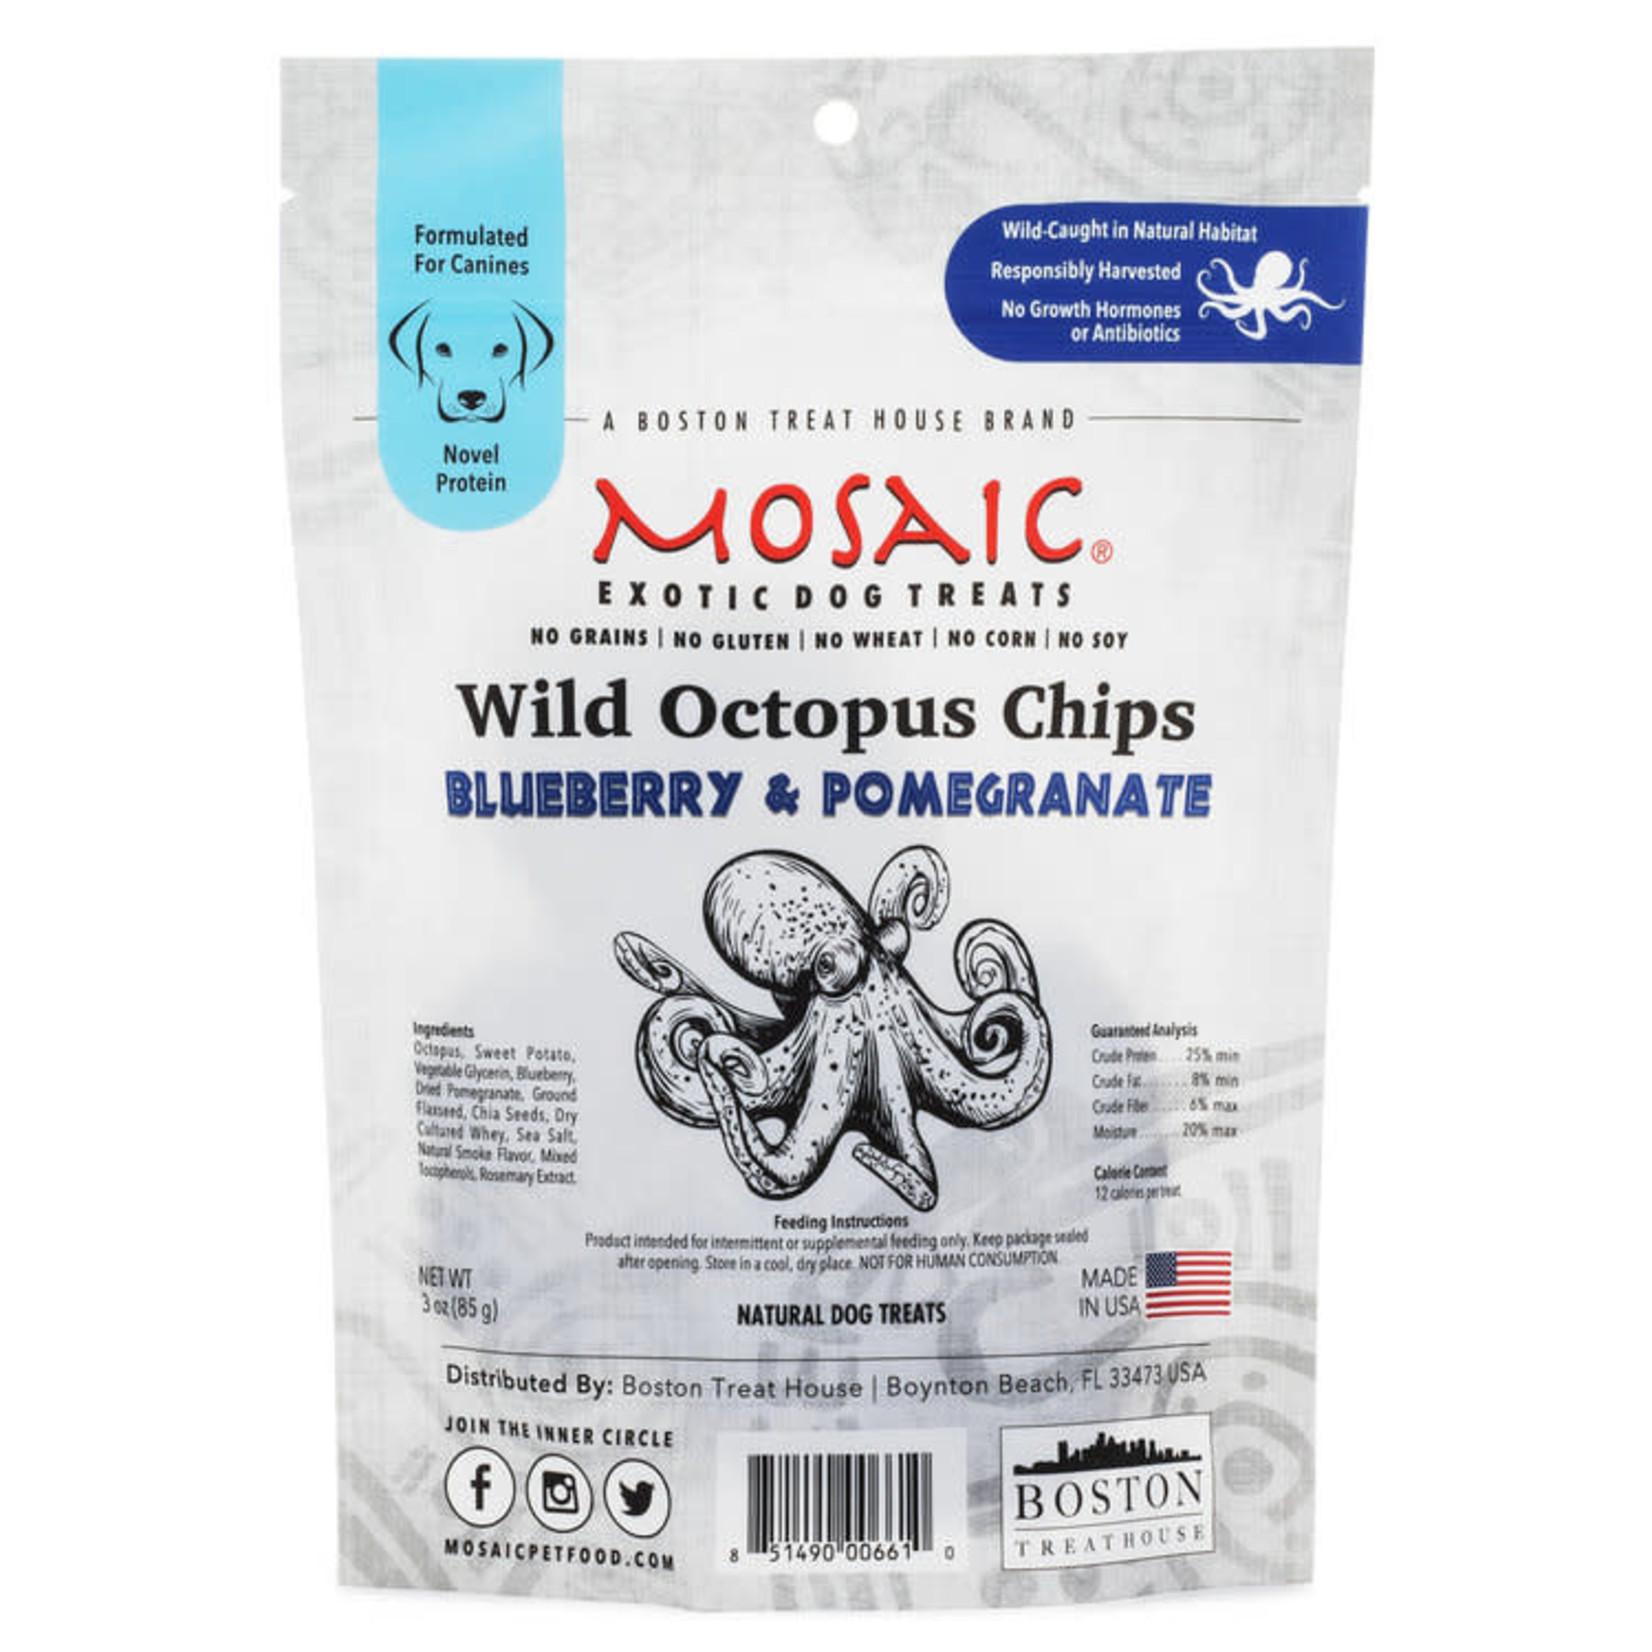 Mosaic Mosaic Dog Octopus Chips Blueberry & Pomegranate 3 OZ